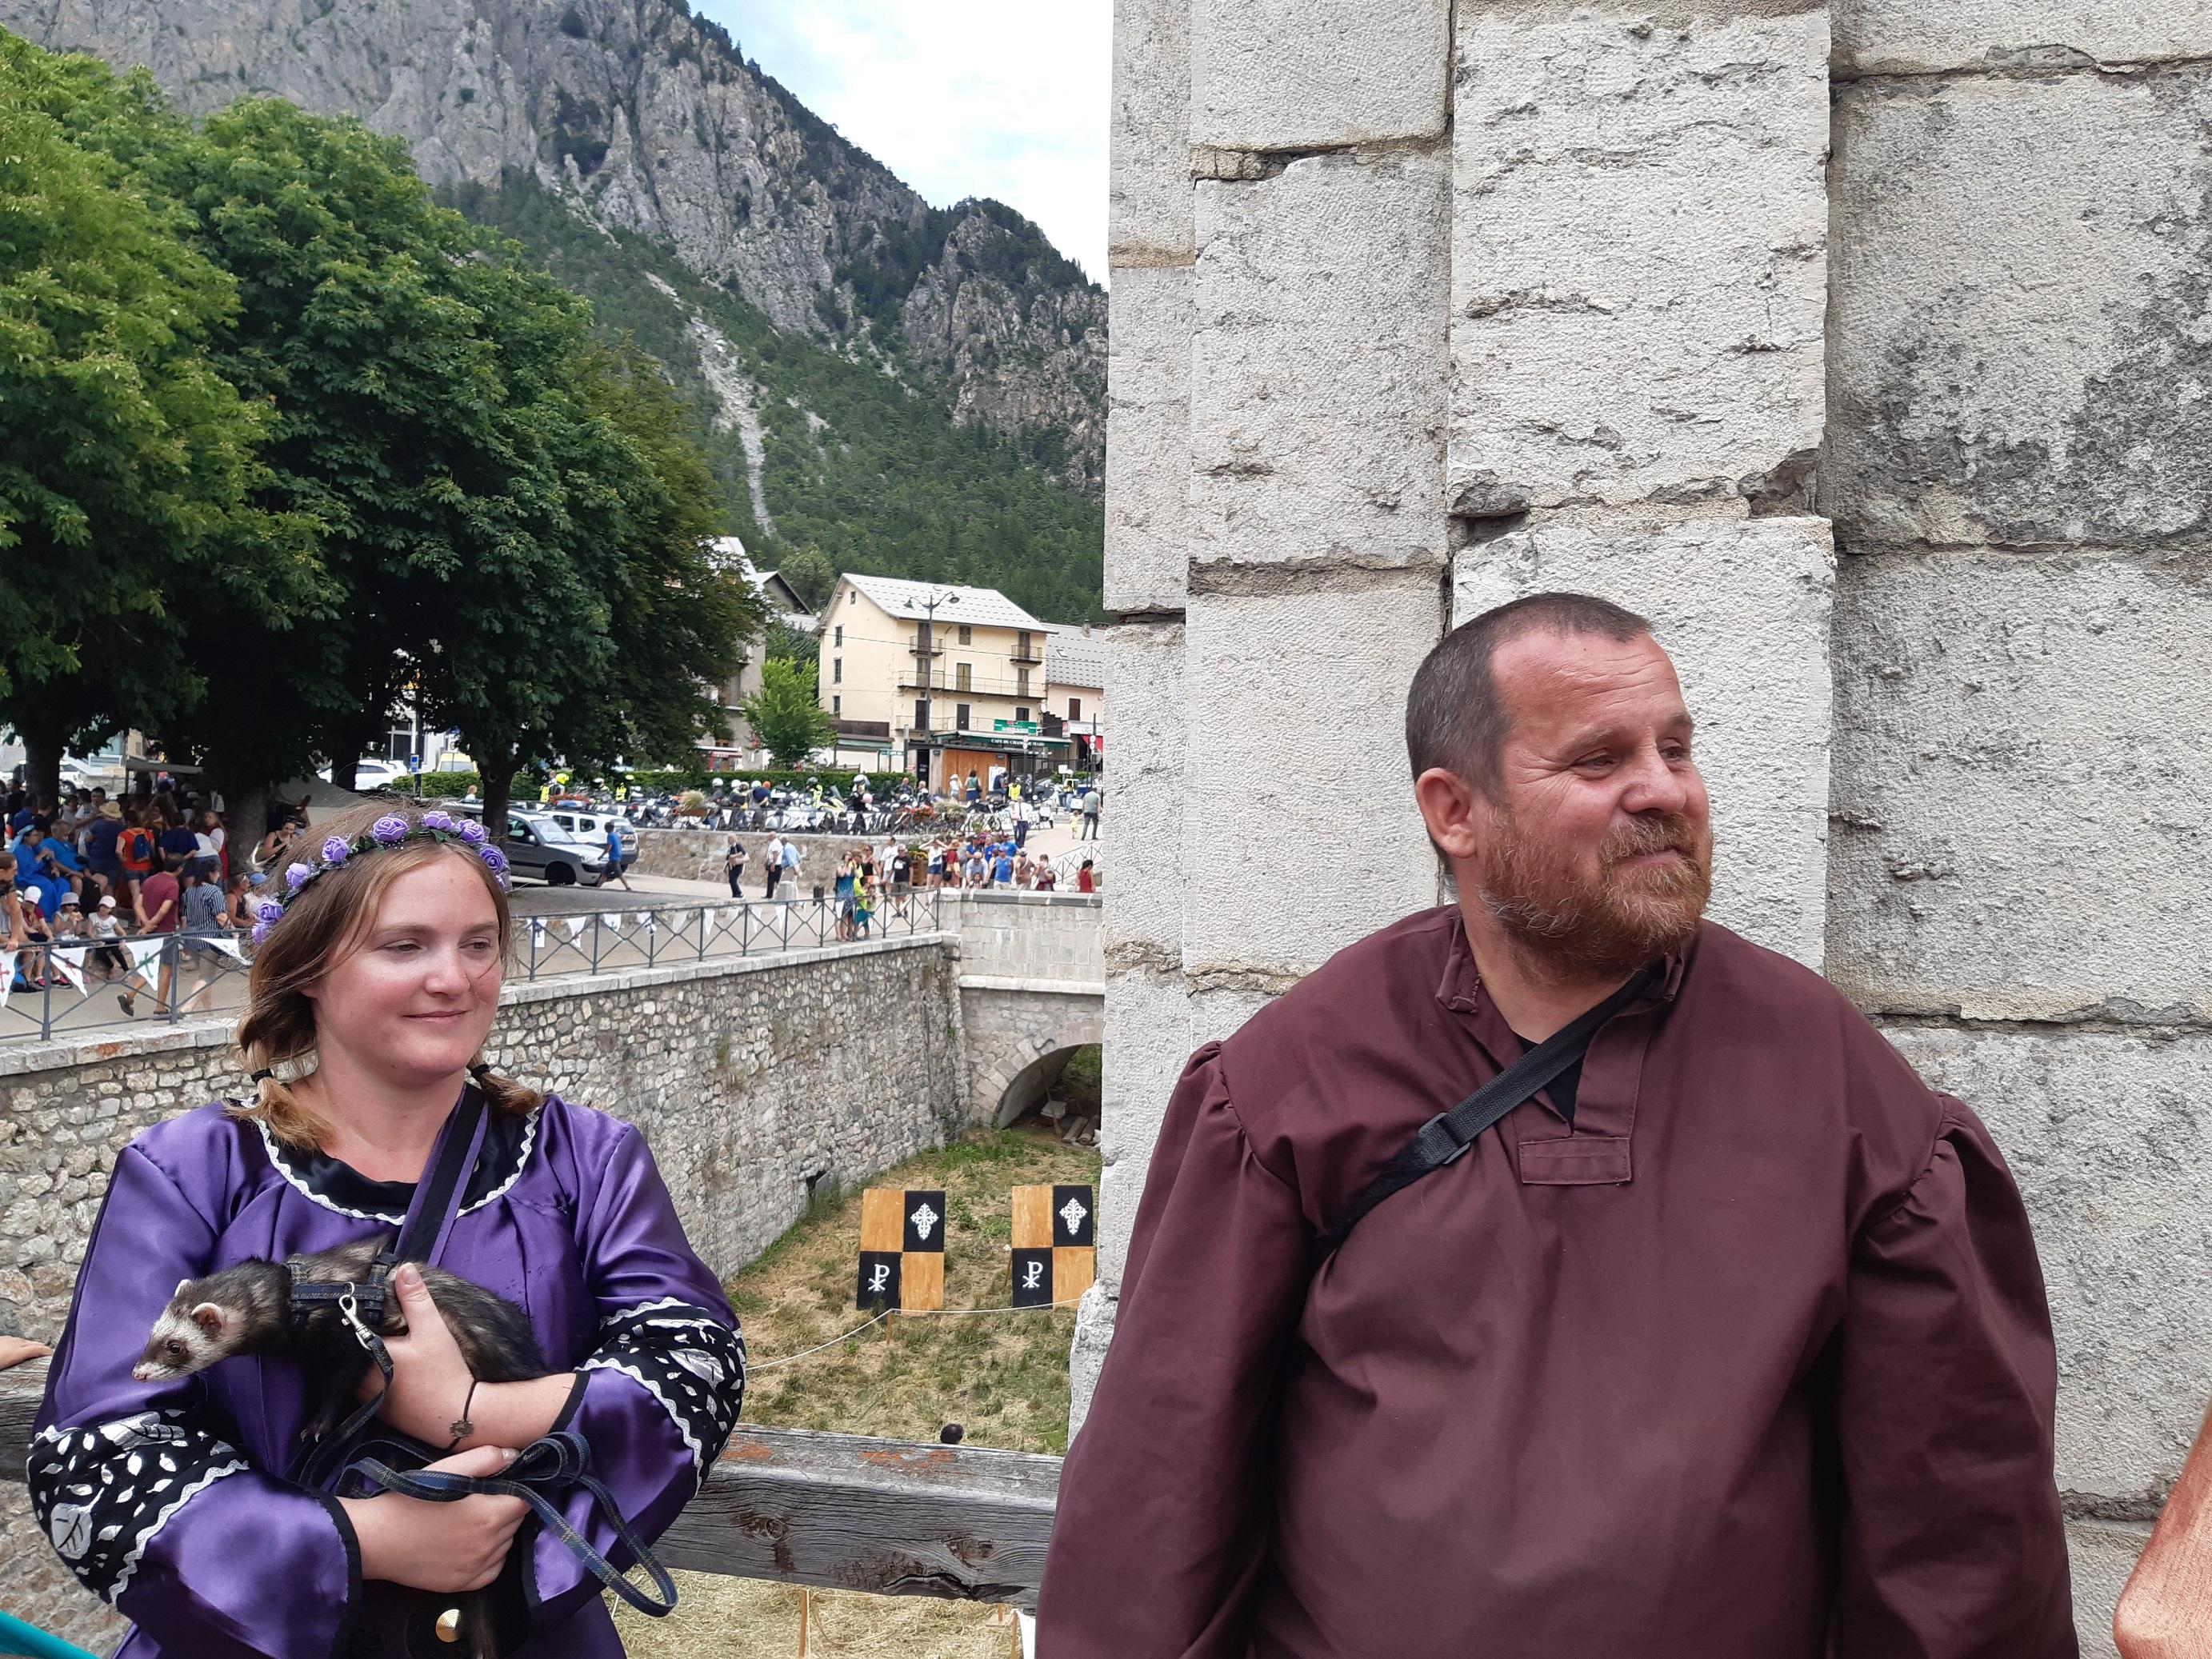 La 14ème édition de la fête Médiévale de Briançon avait lieu ce week-end à Briançon !